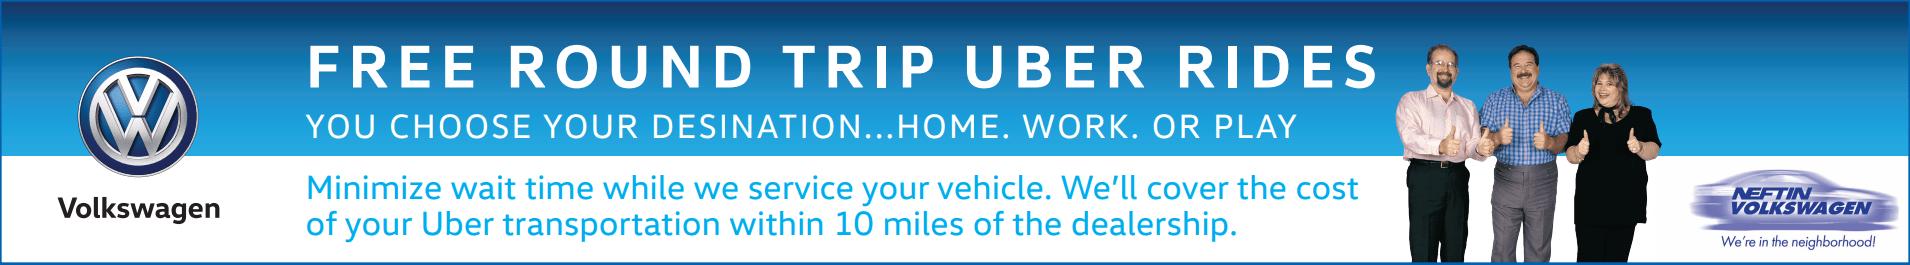 Free Round Trip Uber Rides